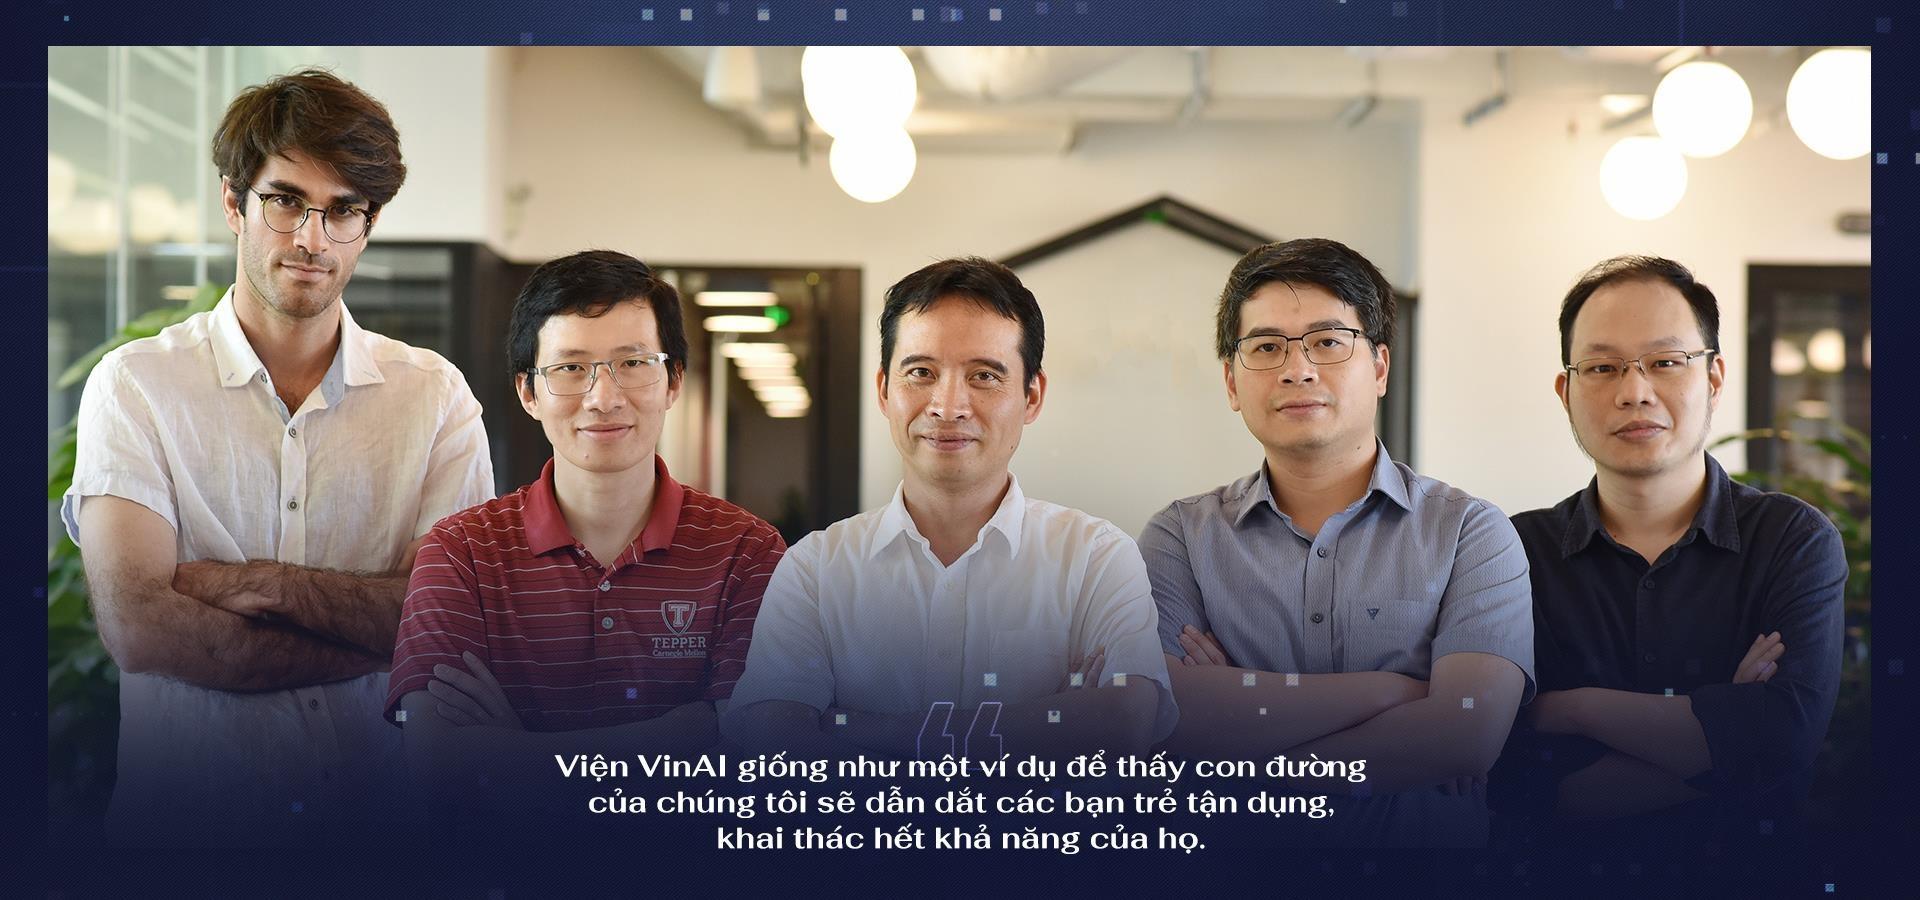 Vien truong VinAI Research: 'Chung toi huong den dinh cao the gioi' hinh anh 11